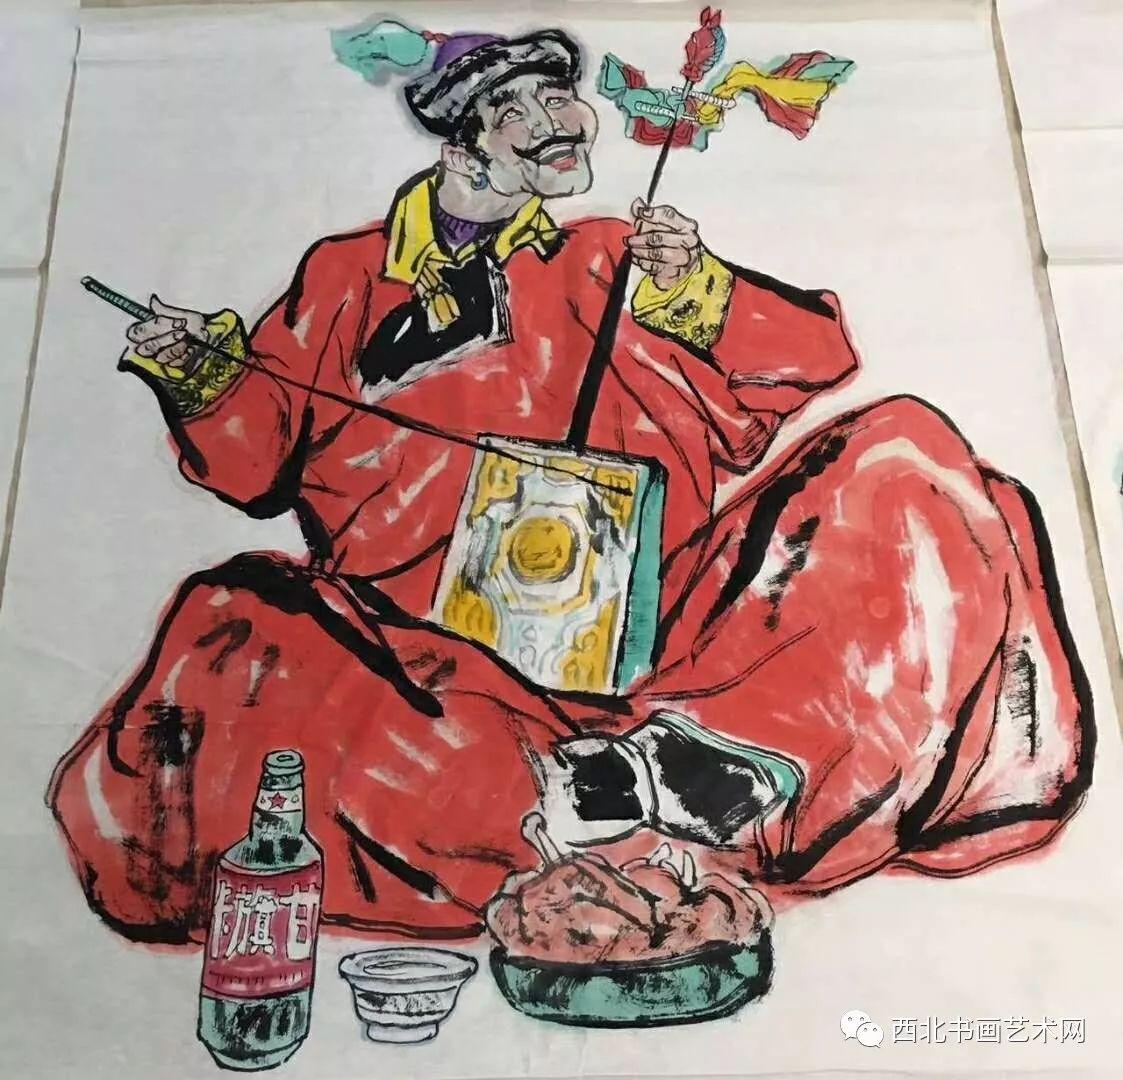 西北书画艺术网向您推荐:著名画家刘宝平 第5张